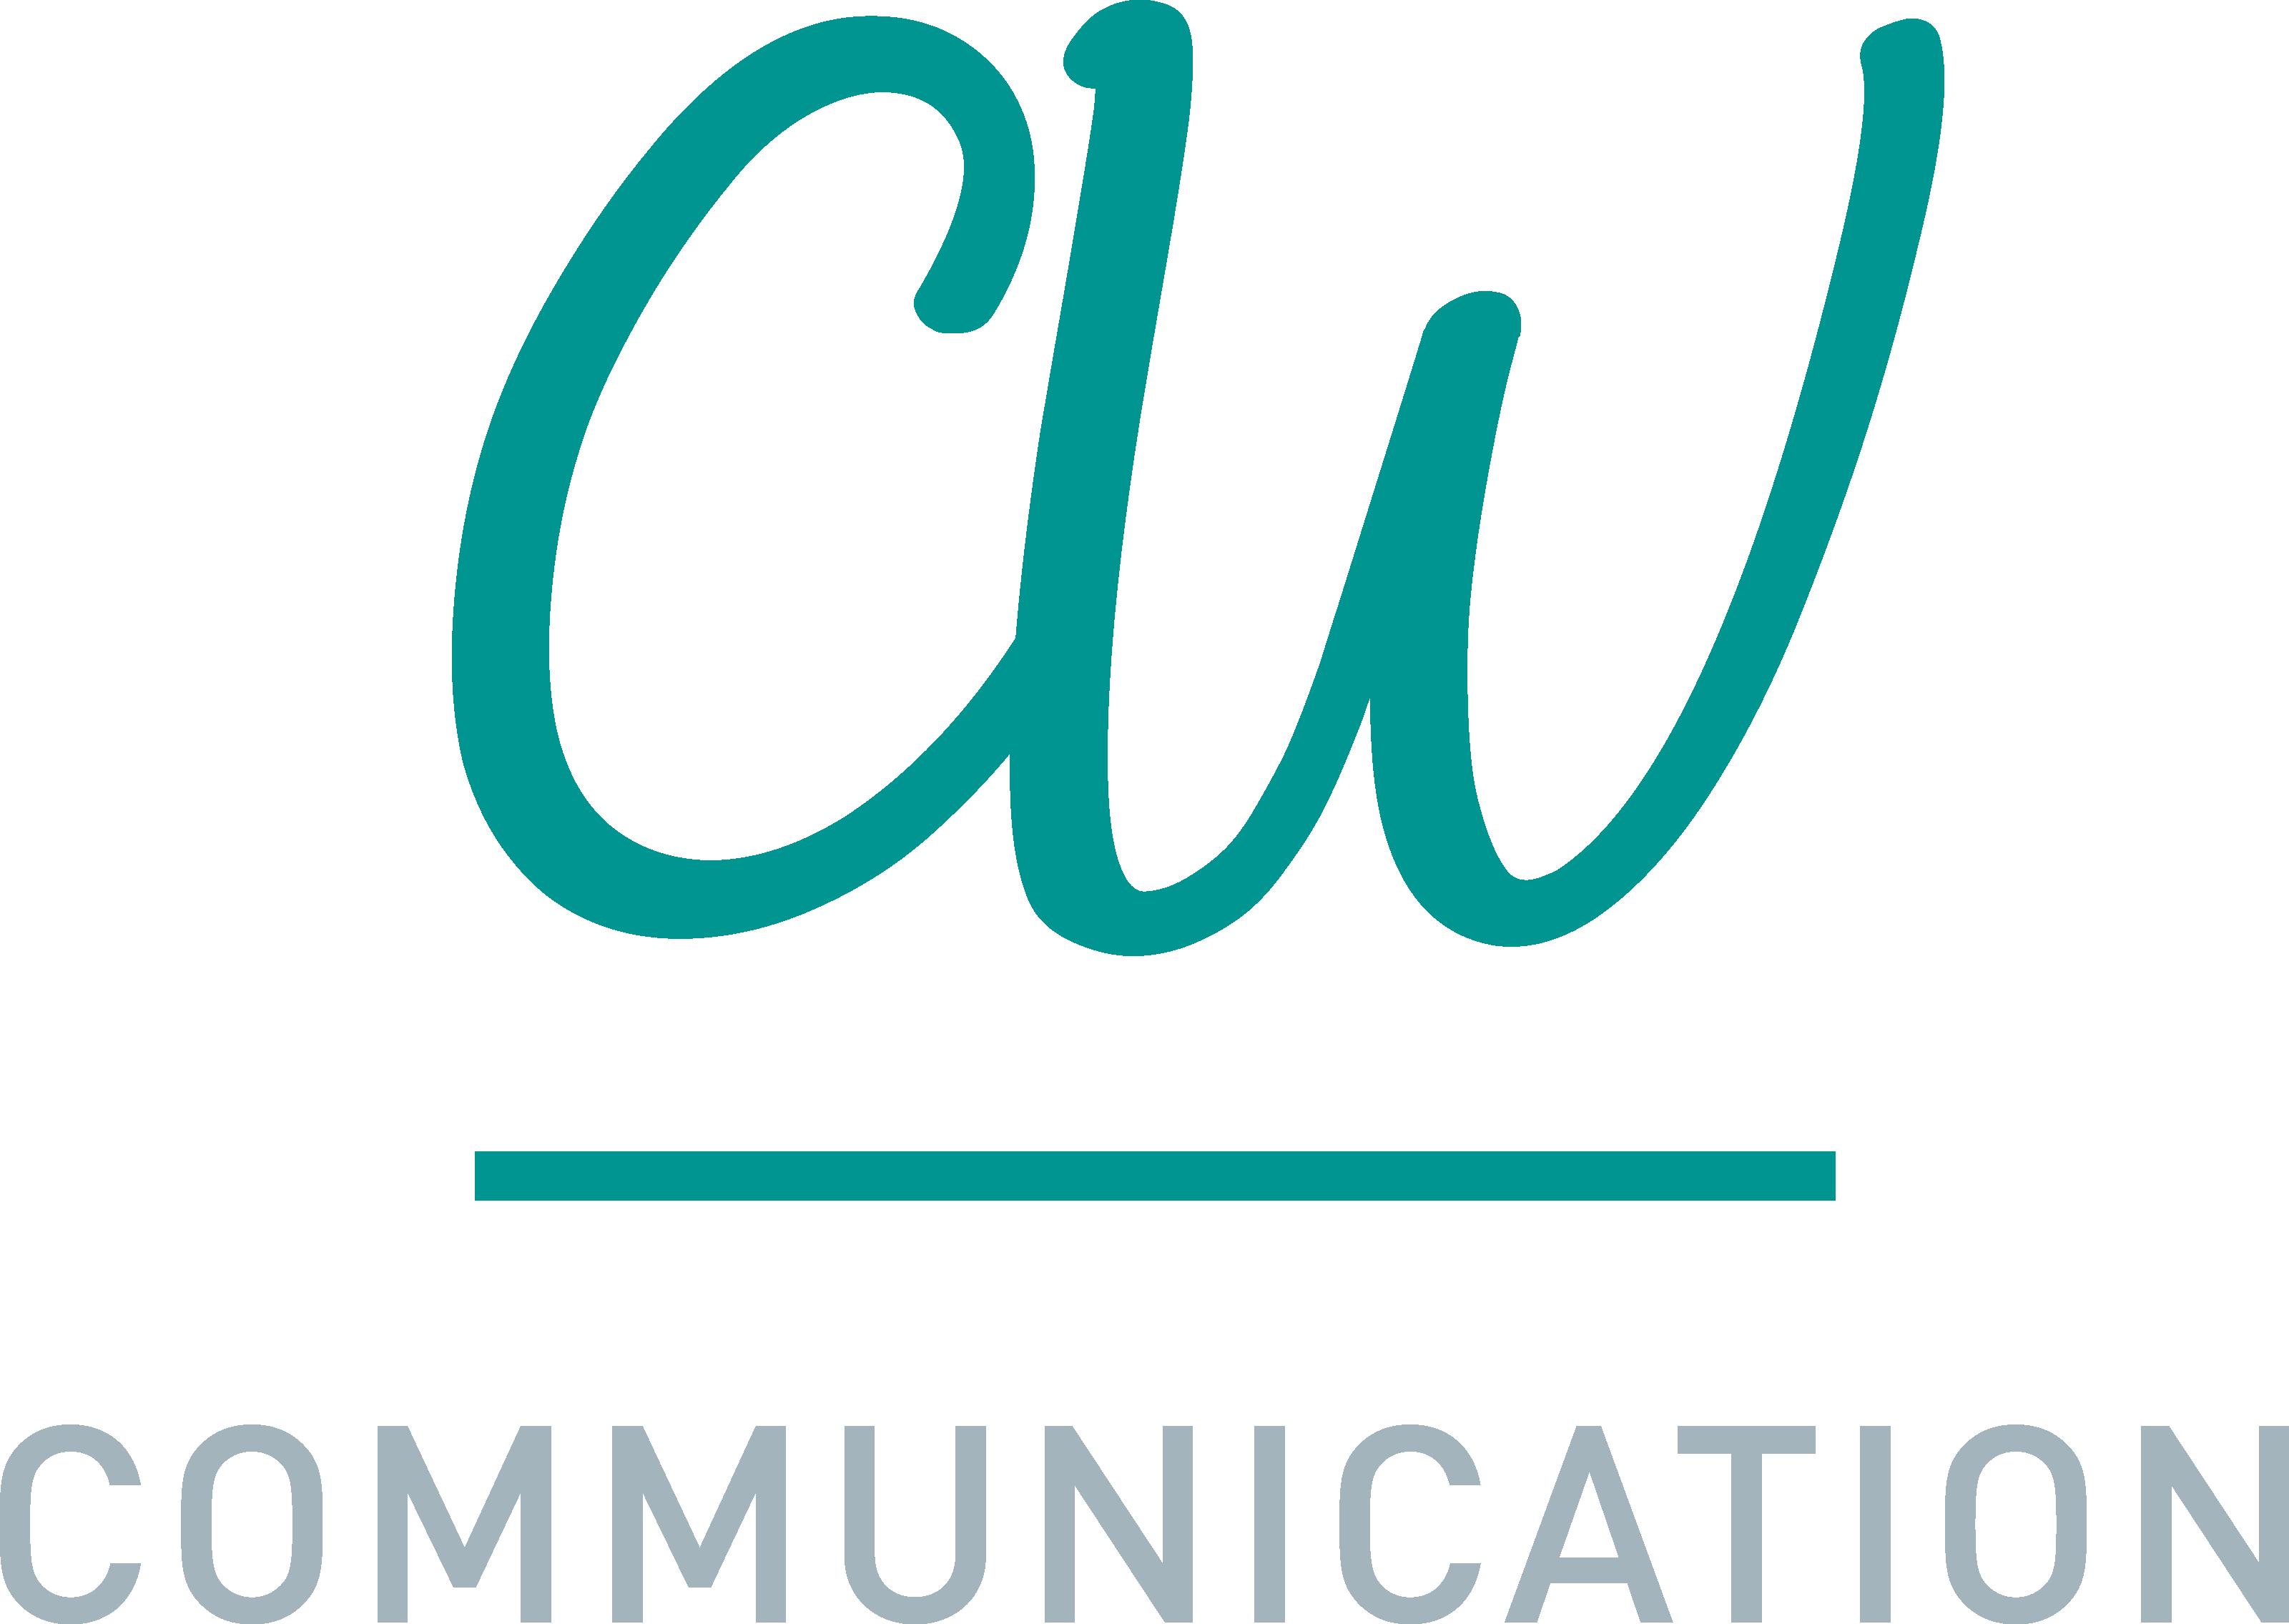 Conseil En Communication Marketing Digital Cw Communication Freelance Marketing Communication Digital Company Logo Tech Company Logos Communication